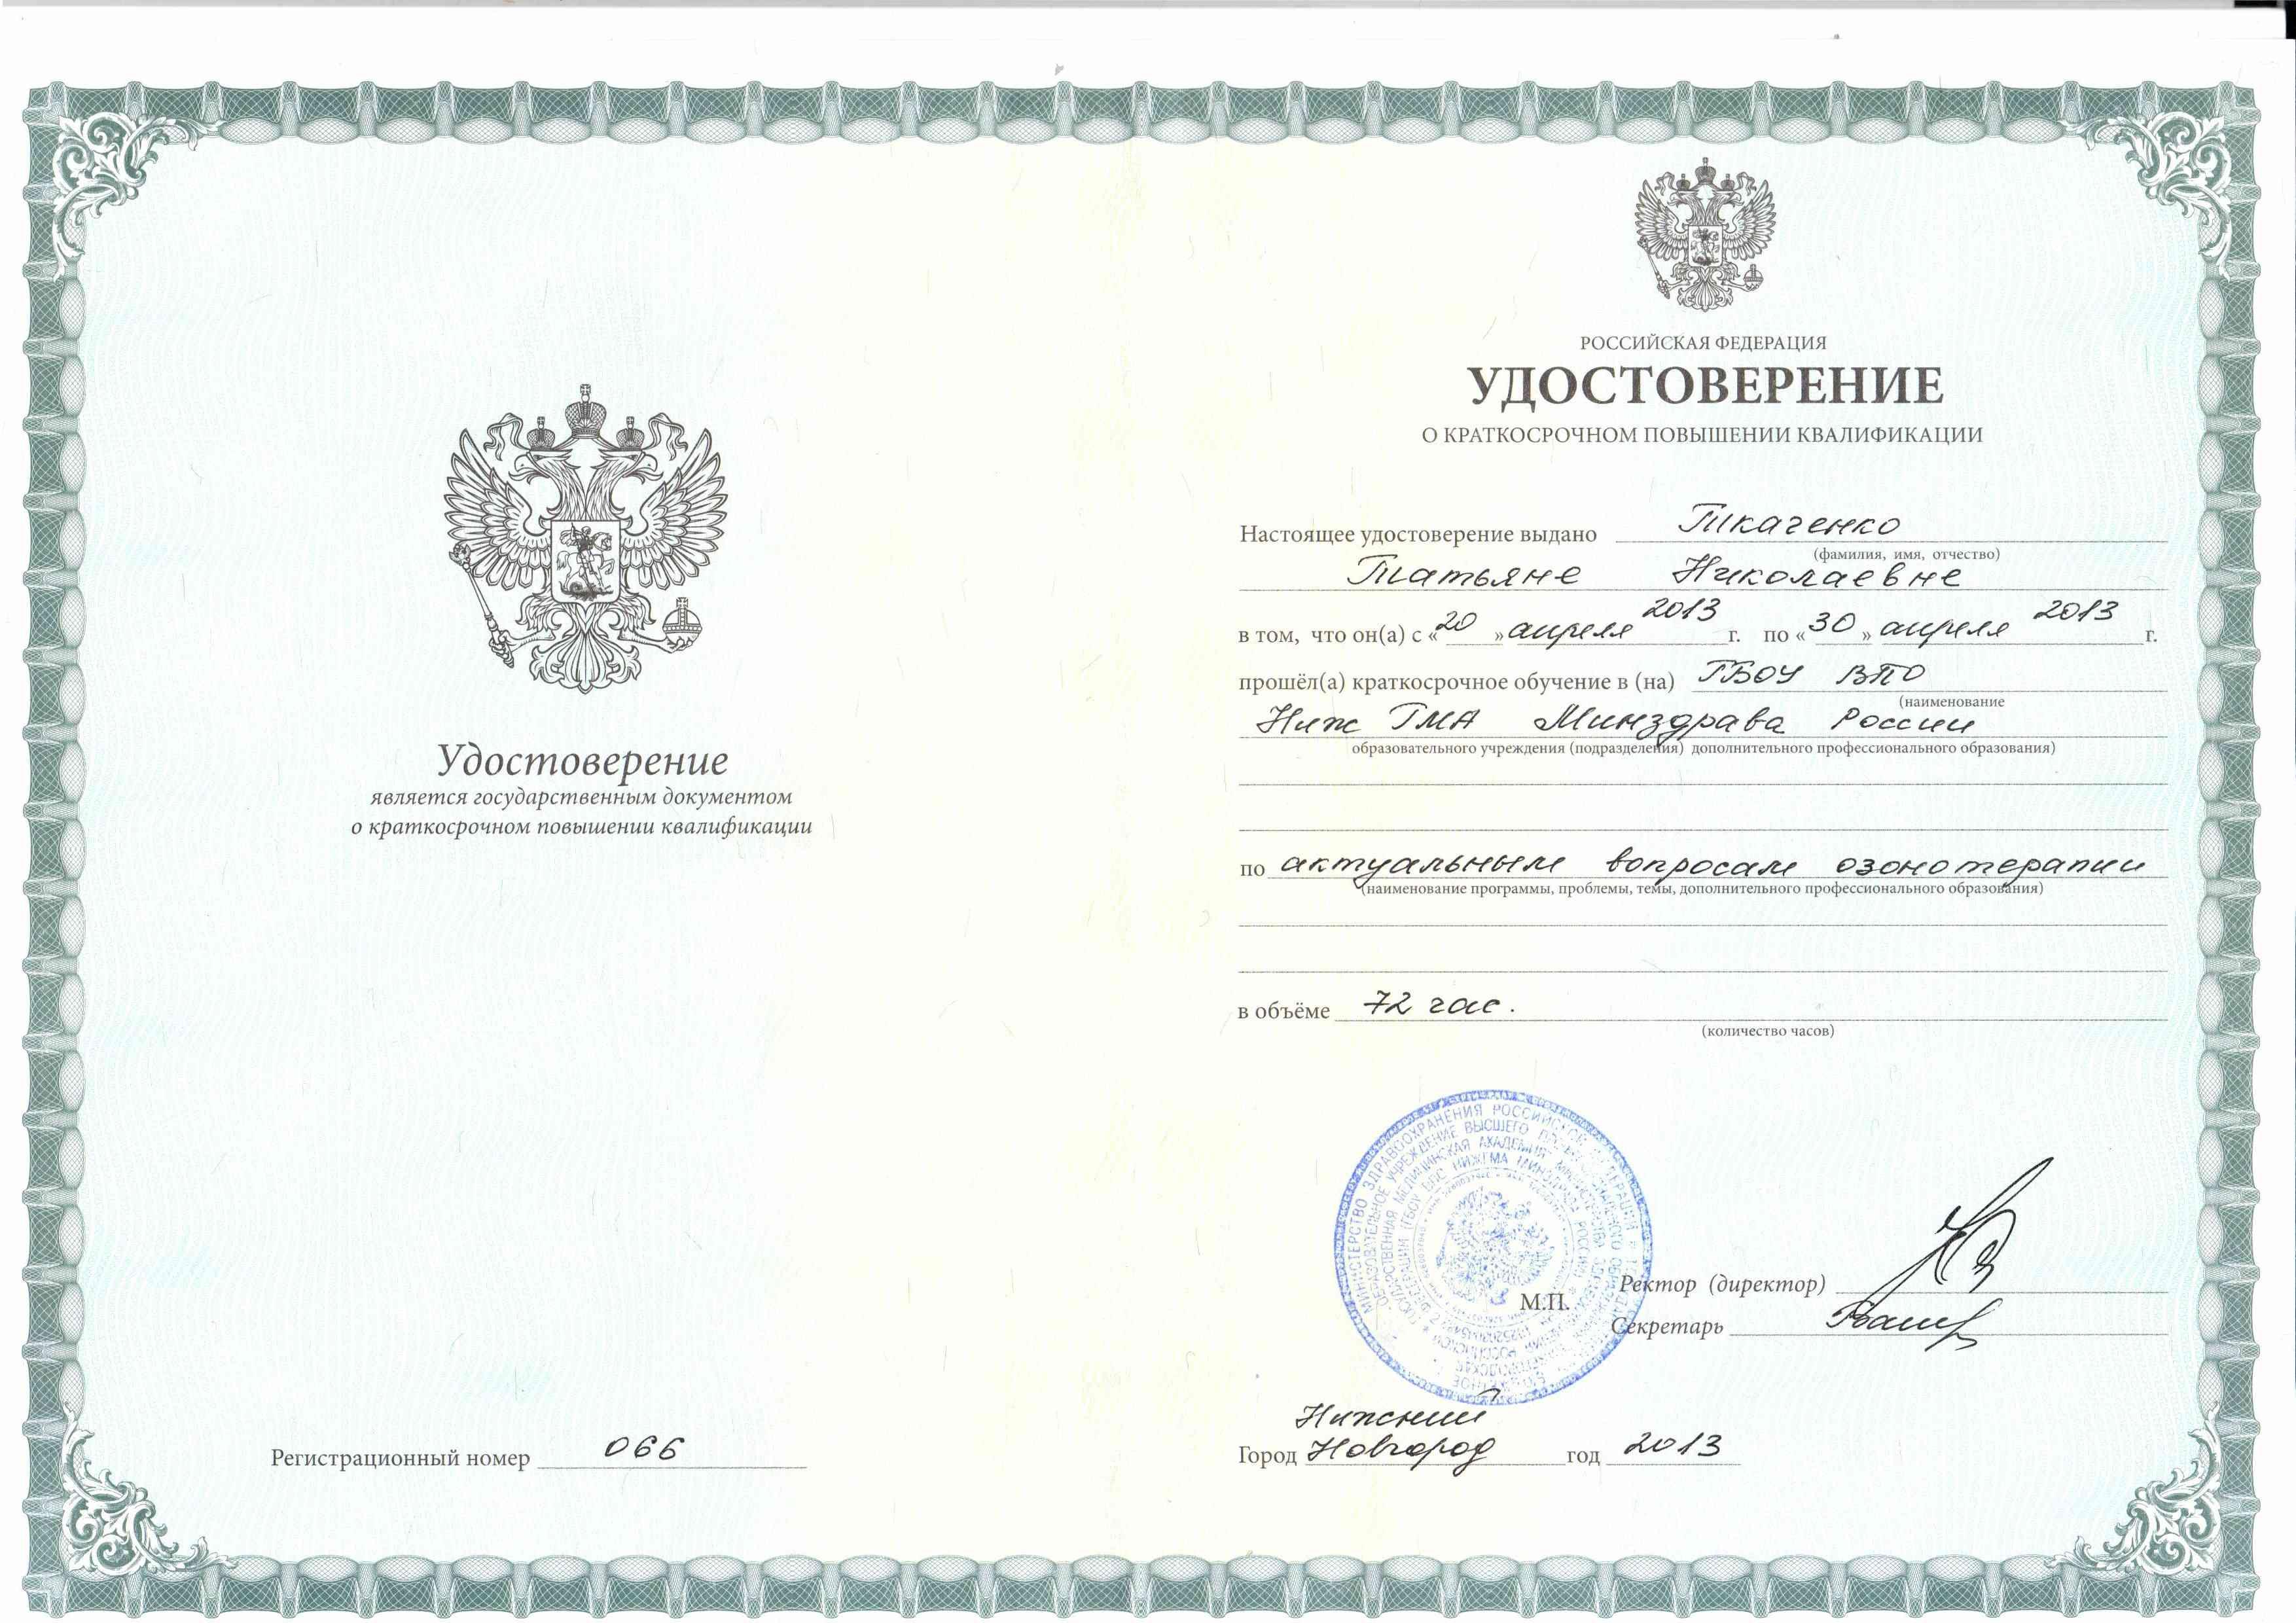 2013 ГБОУ ВПО Ниж ГМА Минздрава России обучение по актуальным вопросам озонотерапии